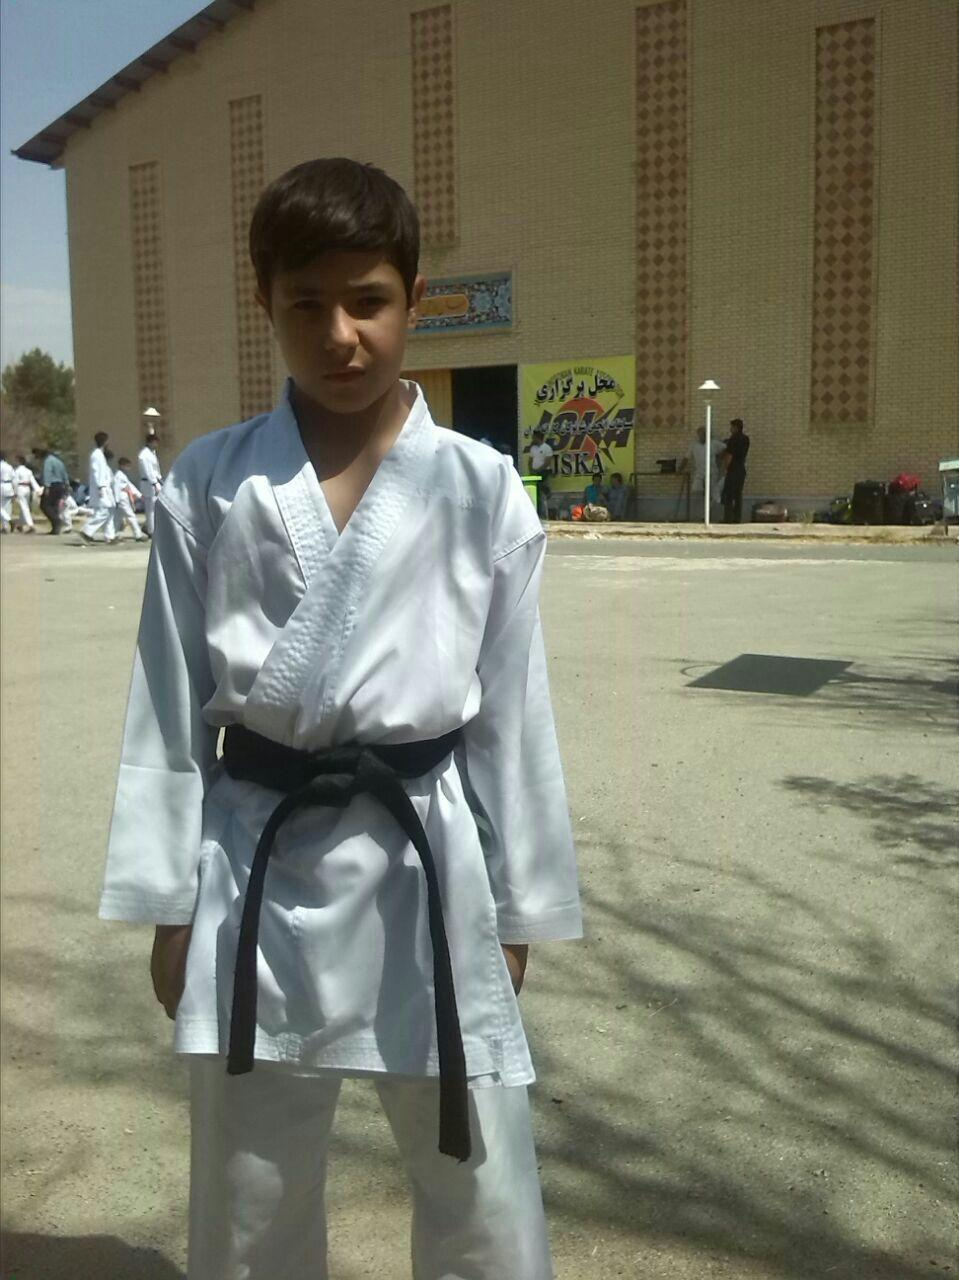 کسب مدال نقره مسابقات قهرمانی کاراته کشور توسط امیرحسین غفاری قاضیجهانی